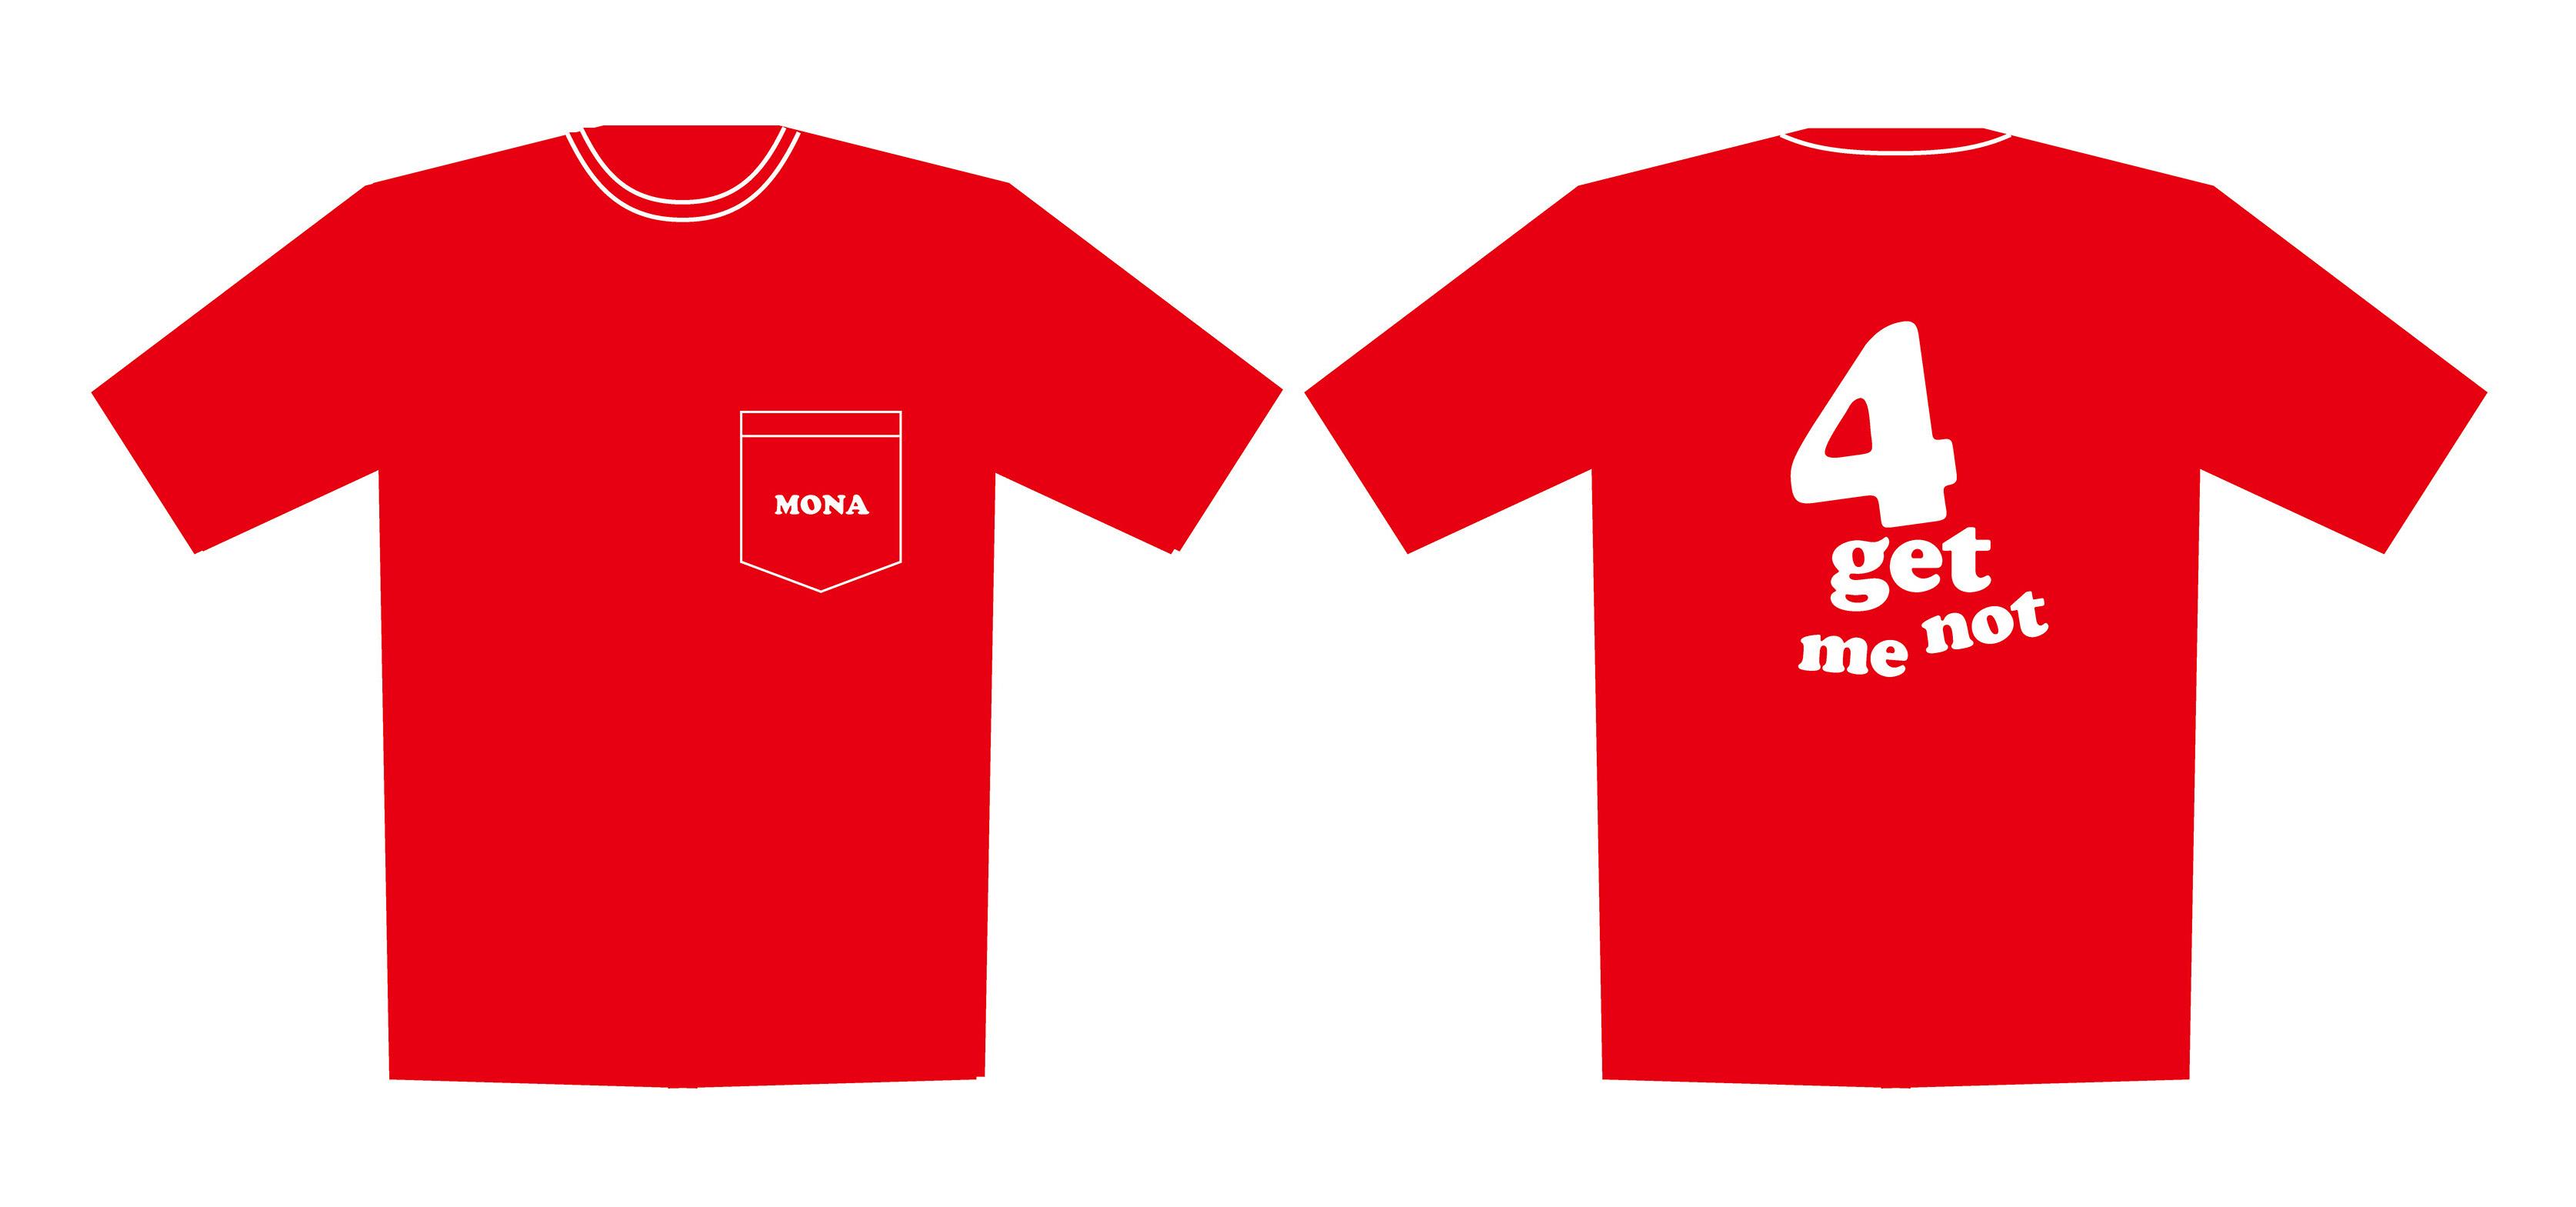 モナパ限定色 4周年ポケットTシャツ 赤・サイズM